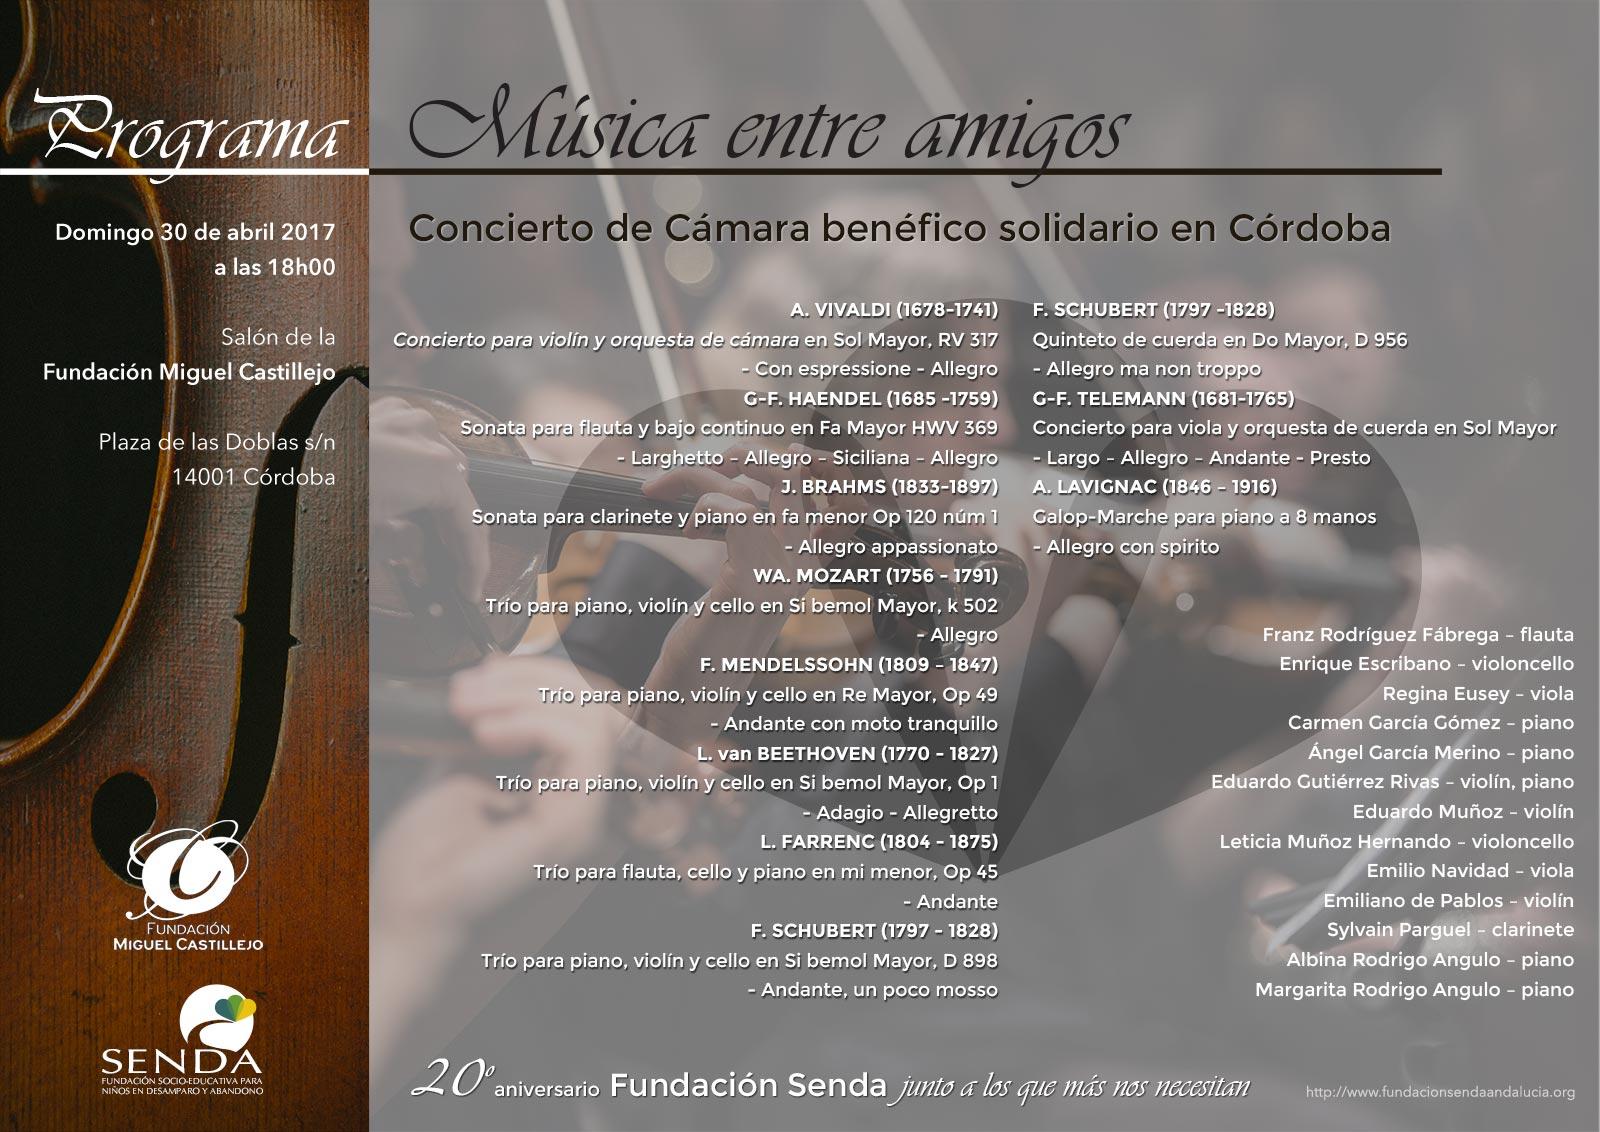 Programa Música entre amigos Concierto de cámara Miguel Castillejo Fundacion Senda